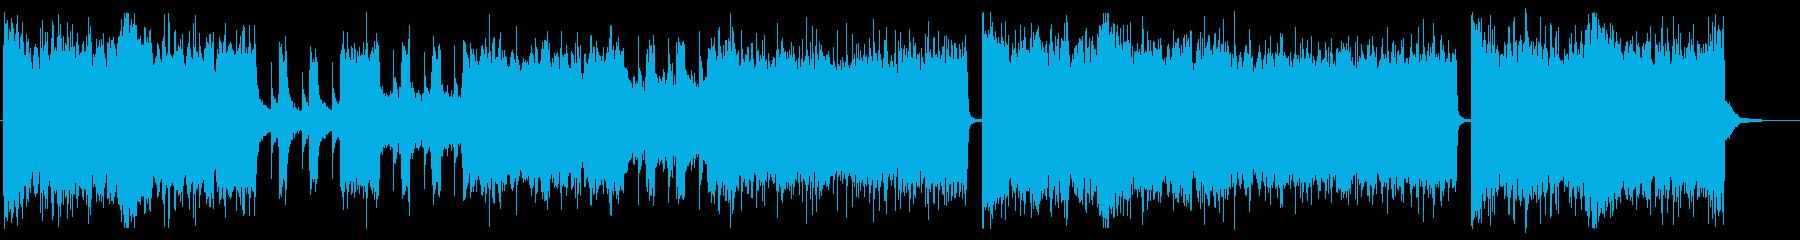 グルーヴ感のあるメタルコアの再生済みの波形